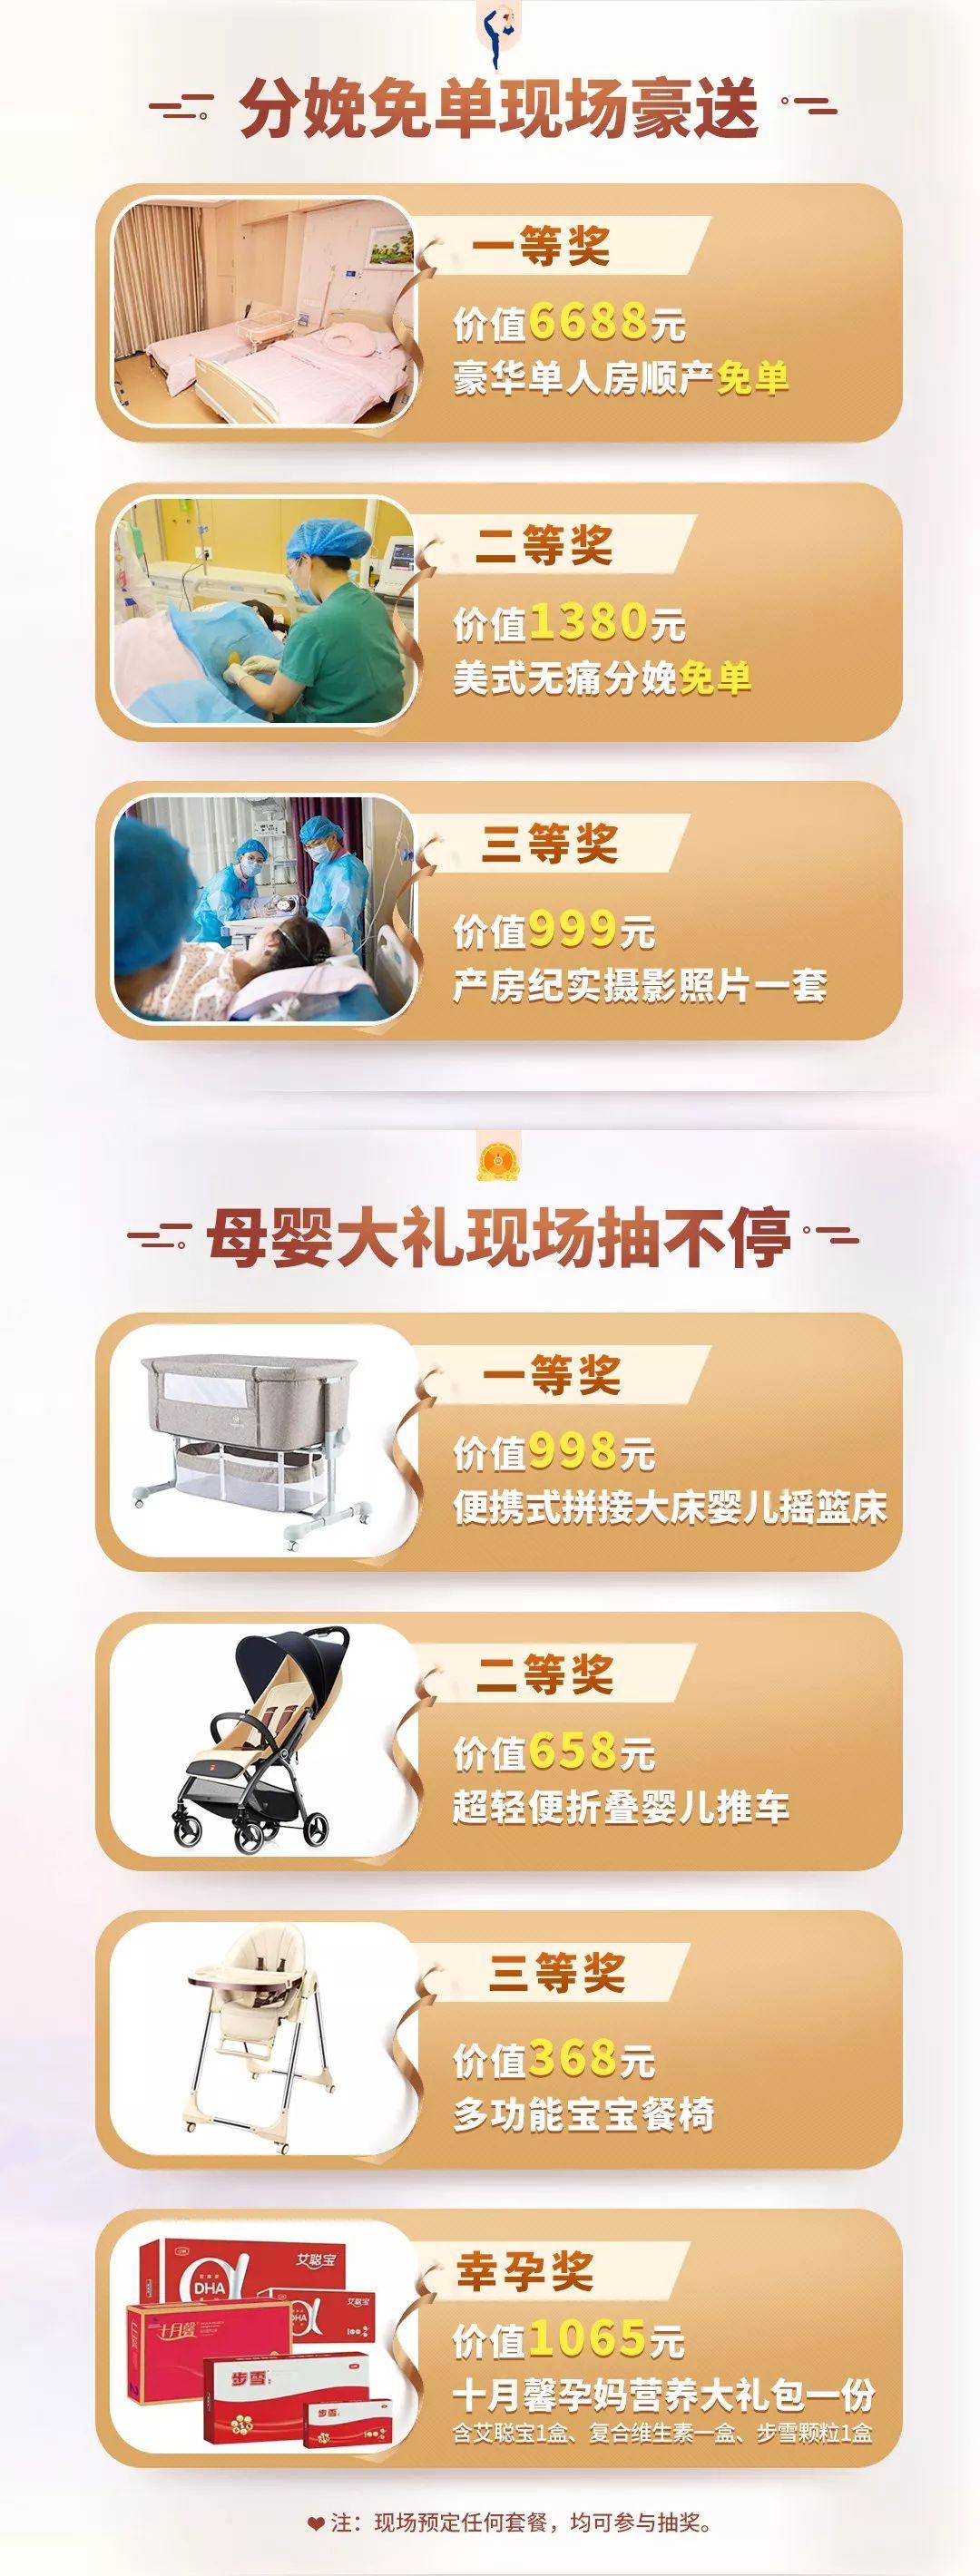 【洛阳孕妈圈】免费生娃+千元大礼包免费大派送!错过再等一年!